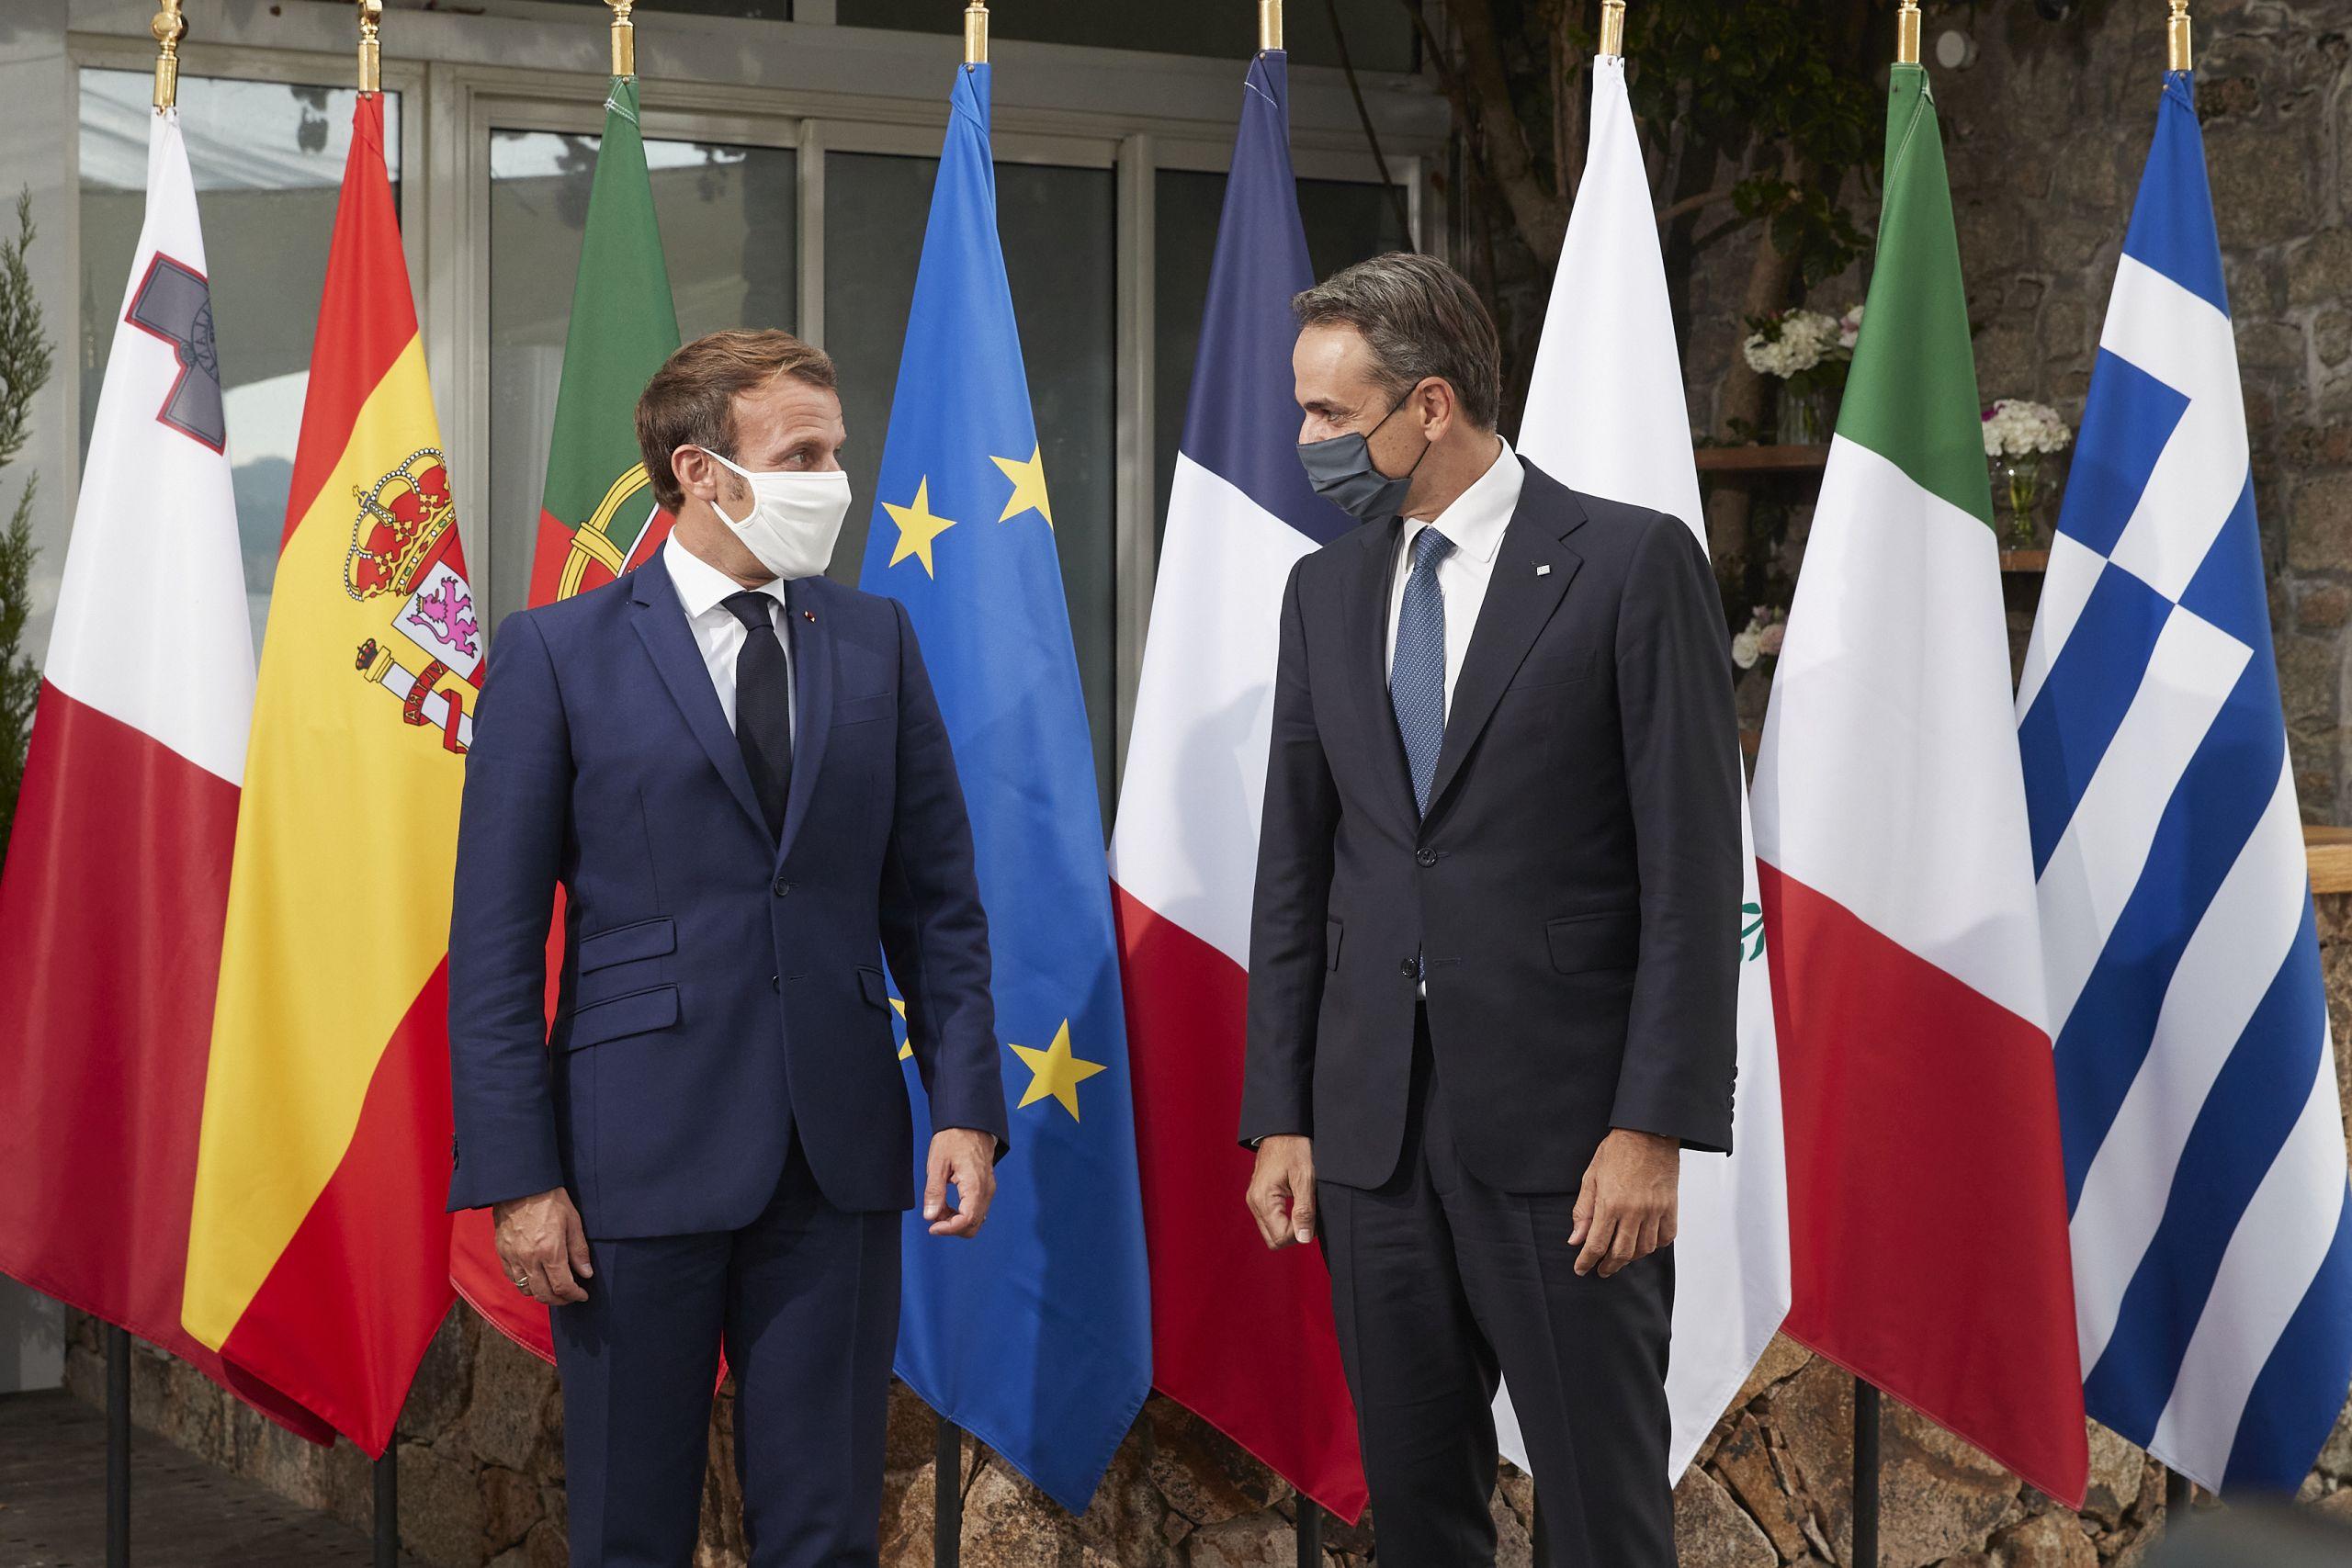 Ευρωμεσογειακή Διάσκεψη: Συμμαχία Ελλάδας - Γαλλίας με ισχυρό μήνυμα προς την Τουρκία | Ειδησεις | Pagenews.gr